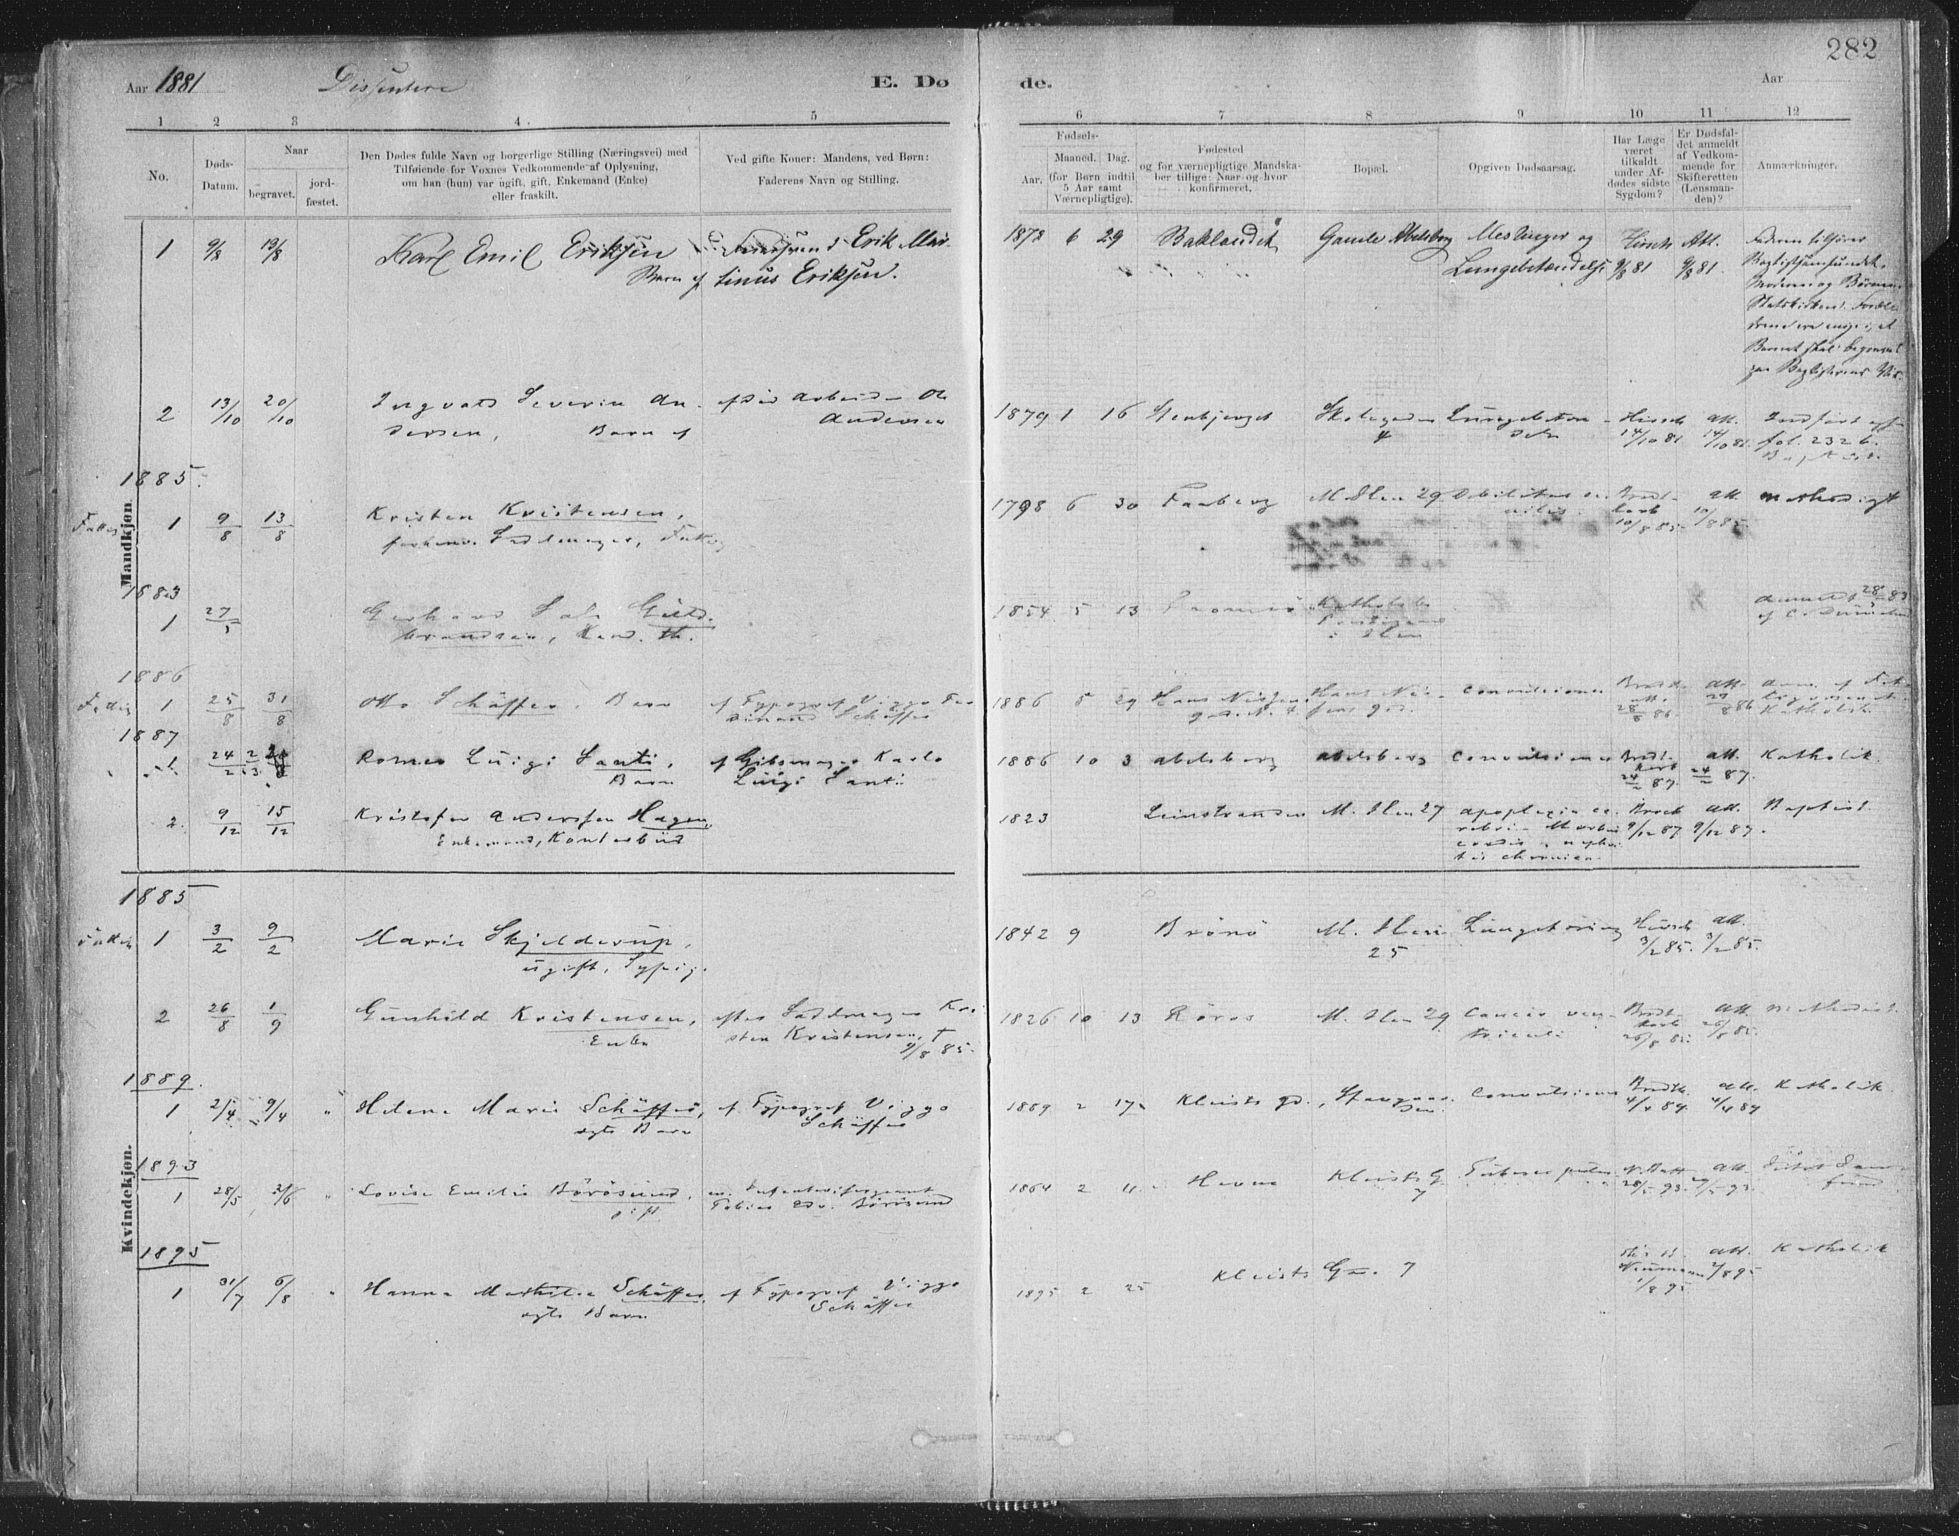 SAT, Ministerialprotokoller, klokkerbøker og fødselsregistre - Sør-Trøndelag, 603/L0162: Ministerialbok nr. 603A01, 1879-1895, s. 282